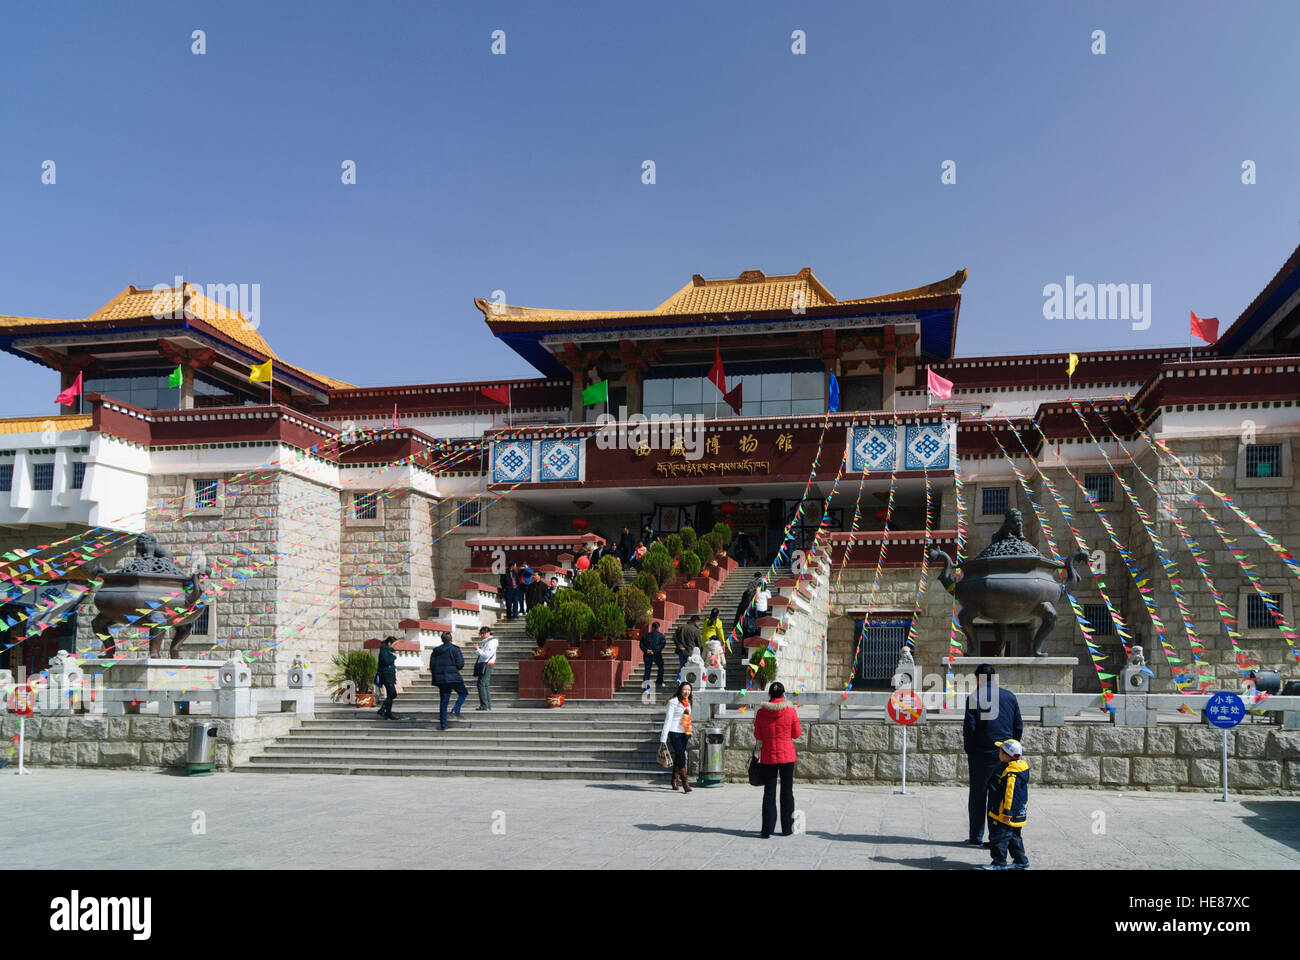 Lhasa: Tibet Museum, Tibet, China - Stock Image